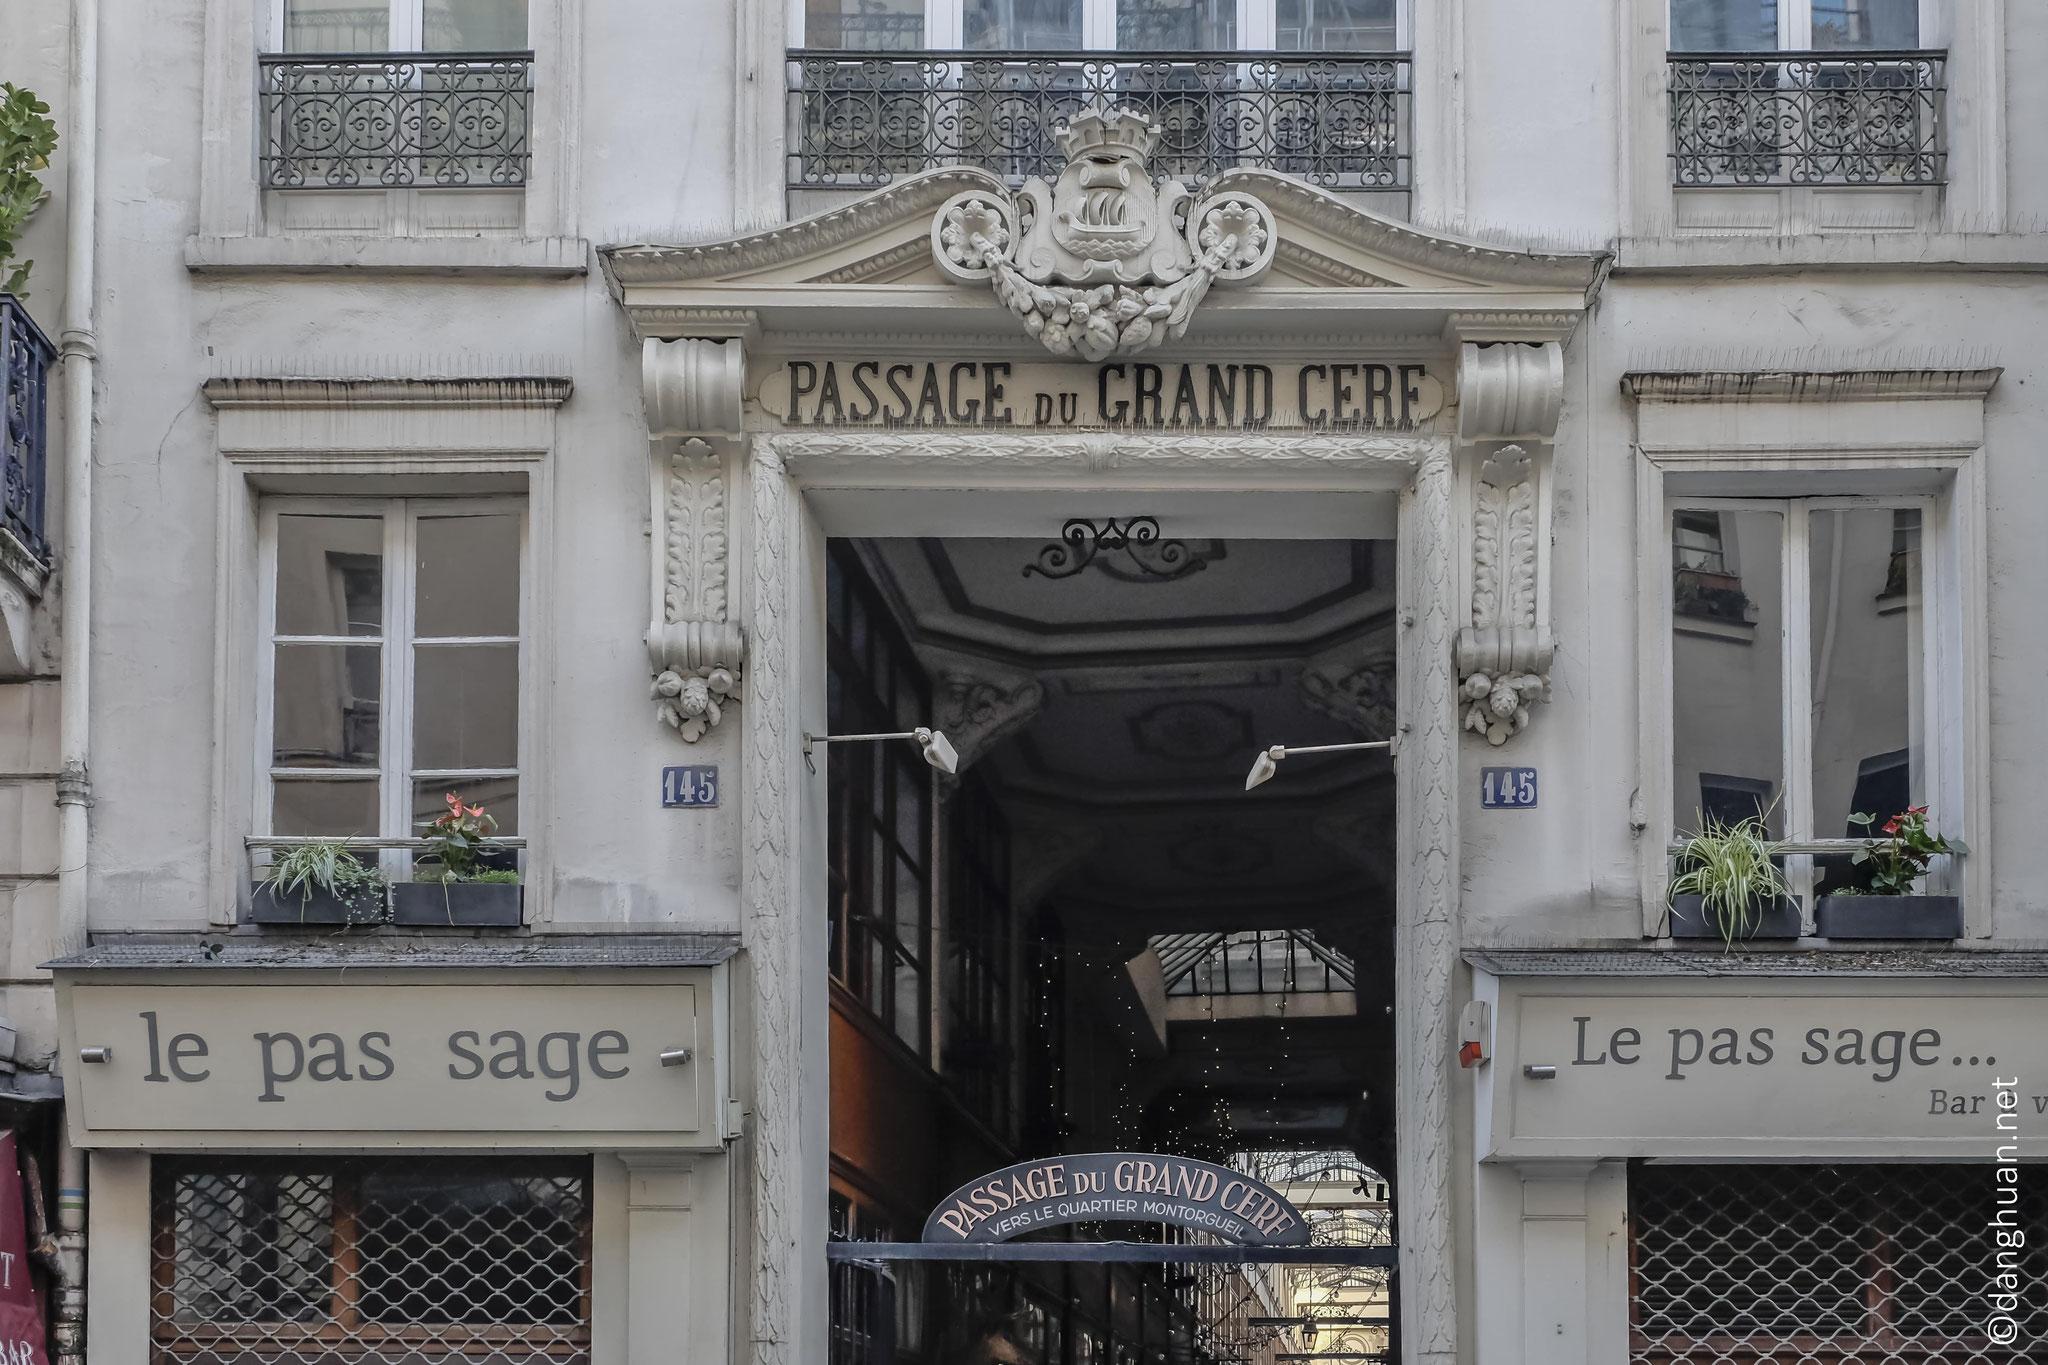 Passage du Grand Cerf : crée en 1825...